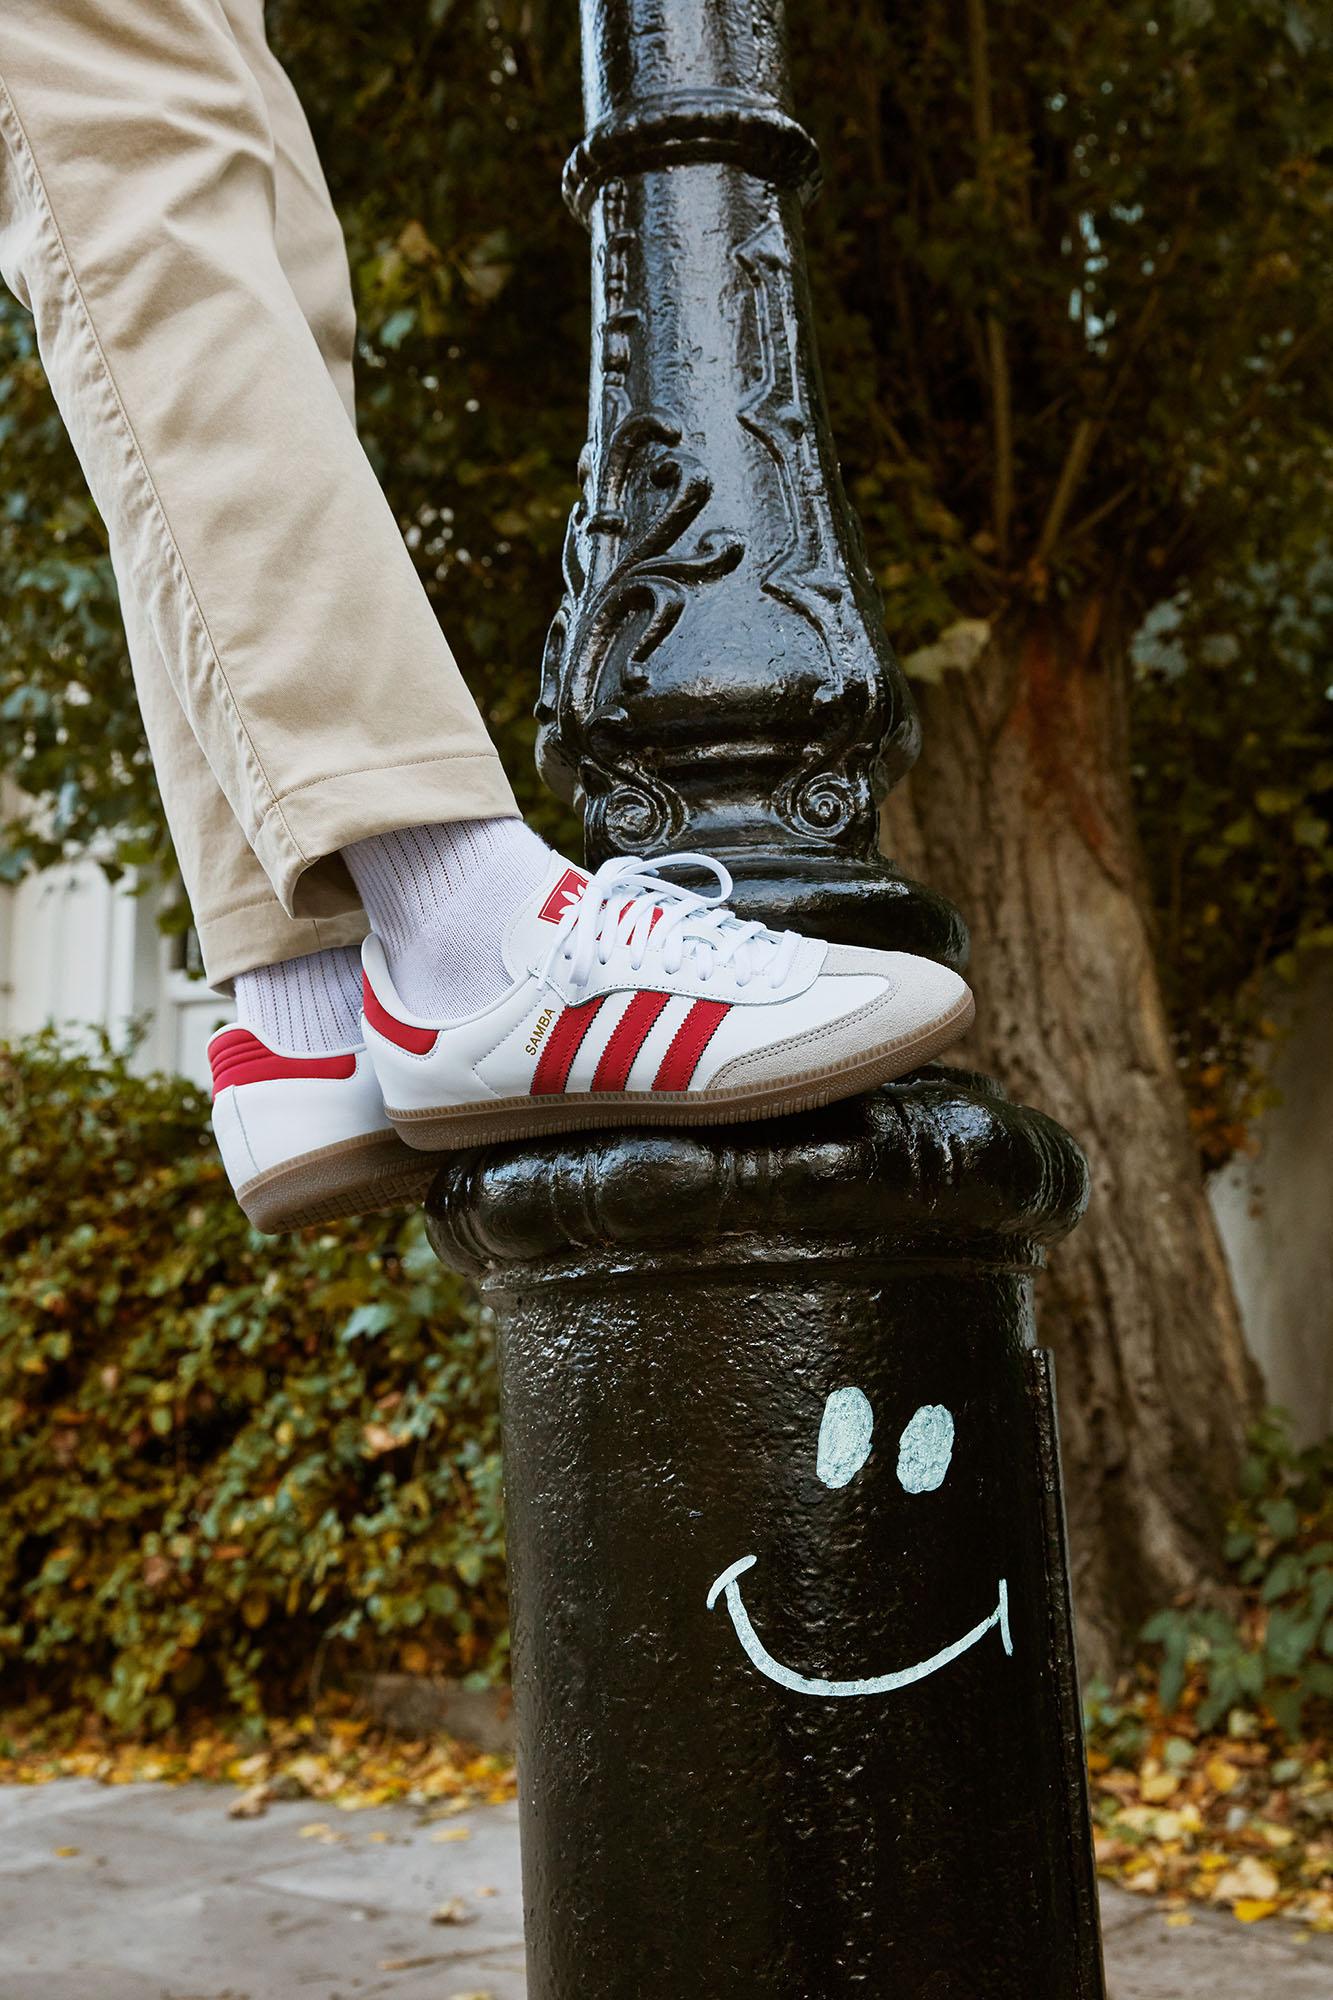 Adidas_Influencer_Camden_Look_01_1273_V1b.jpg